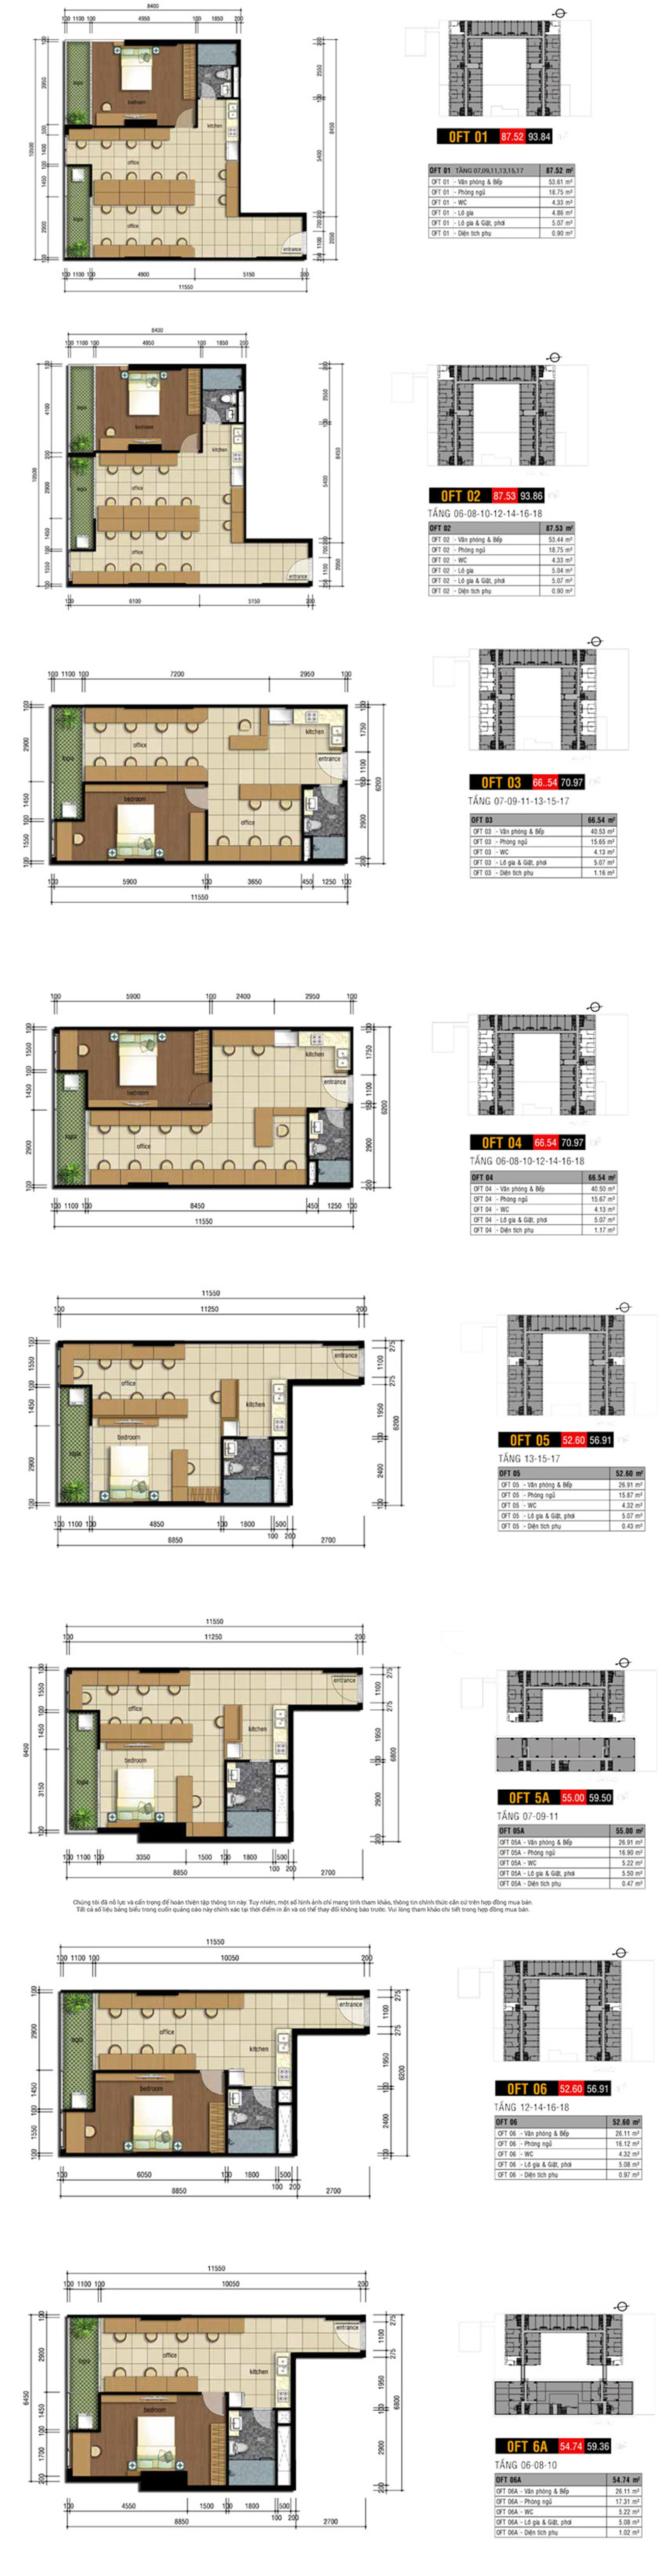 Thiết kế chi tiết căn hộ Officetel Charmington Tân Sơn Nhất